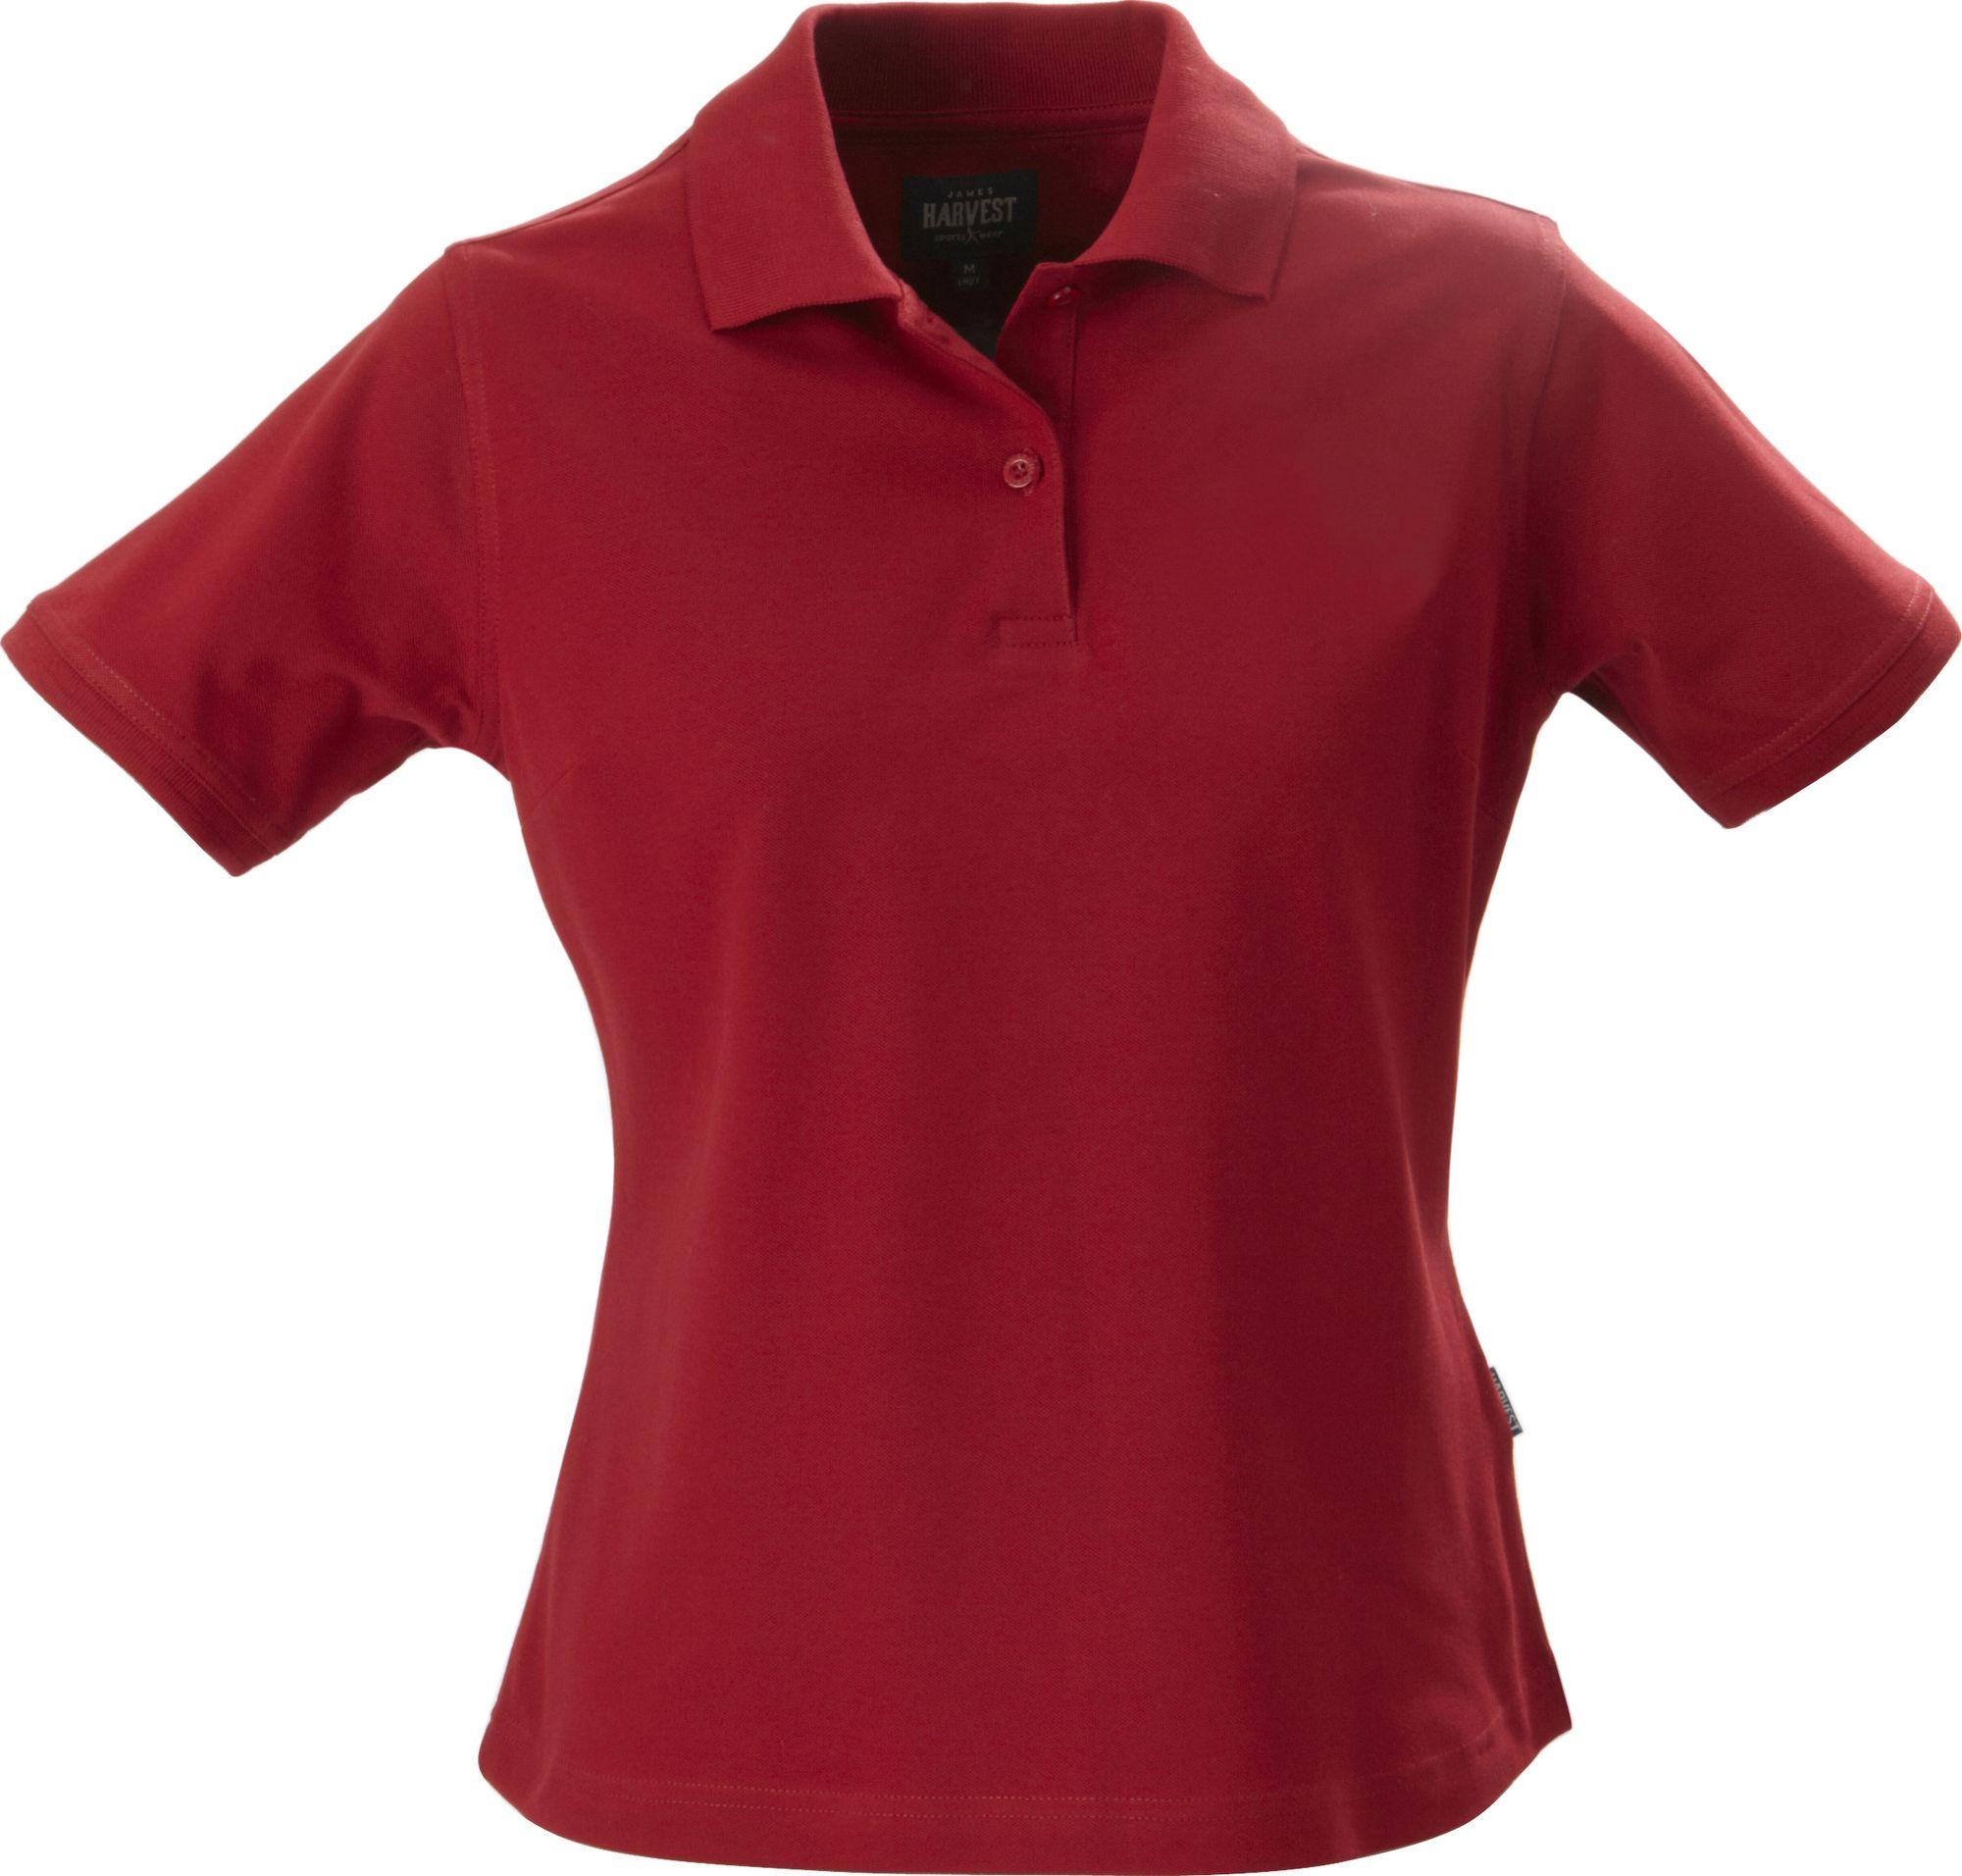 Рубашка поло стретч женская ALBATROSS, красная